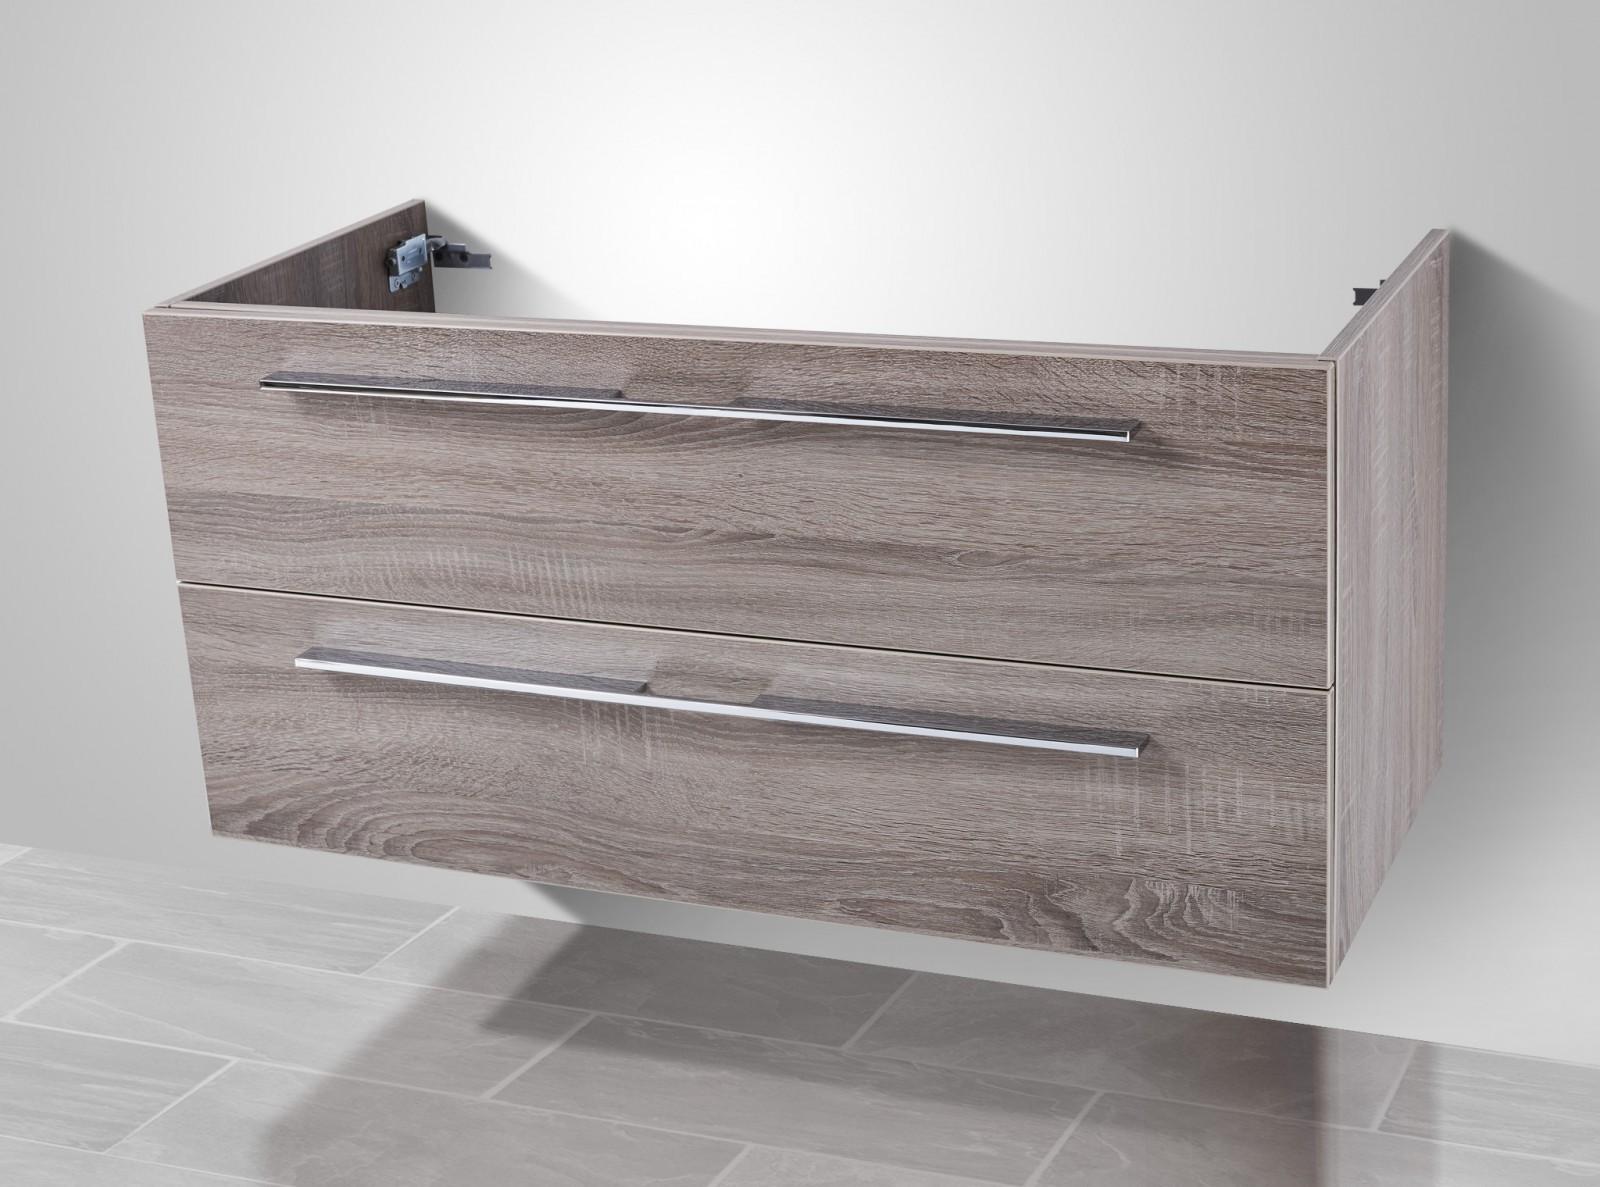 waschtisch unterschrank zu laufen pro s doppelwaschtisch. Black Bedroom Furniture Sets. Home Design Ideas